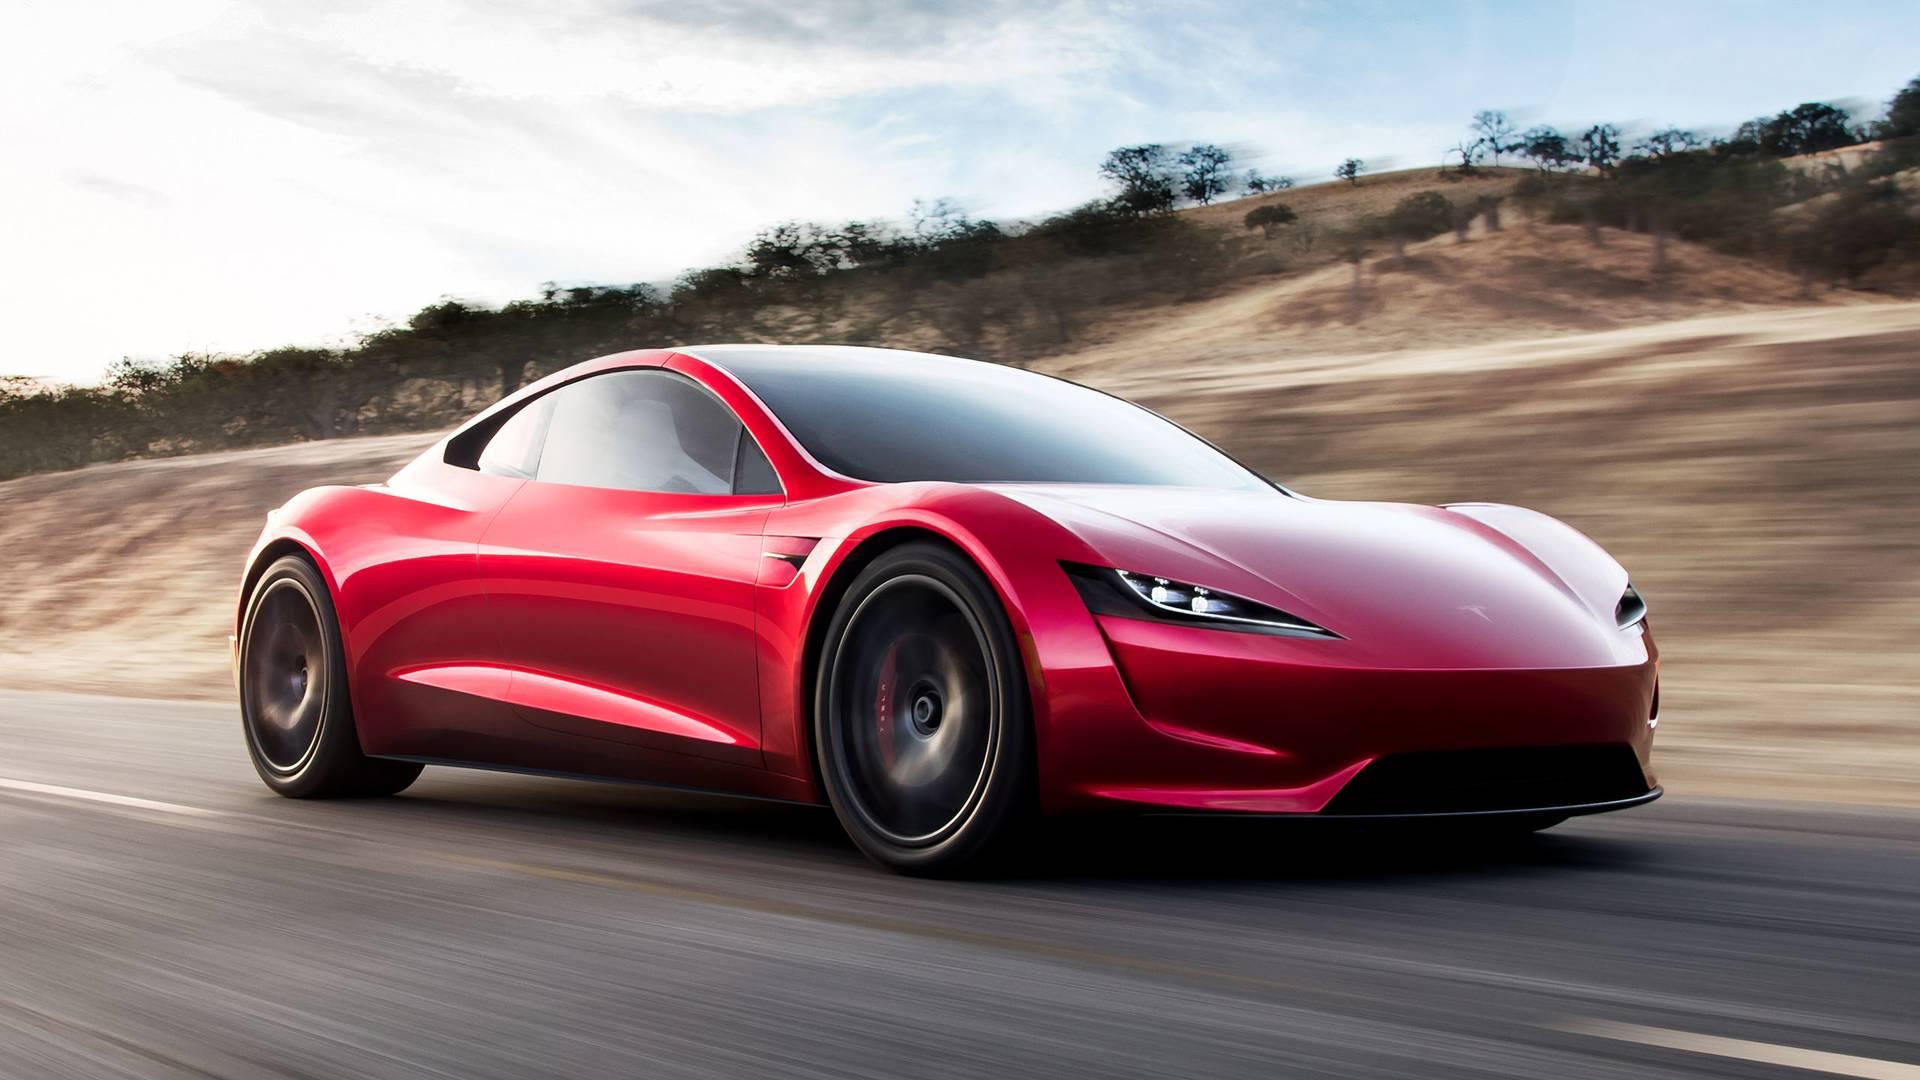 Wer sind eigentlich diese Tesla-Fahrer?